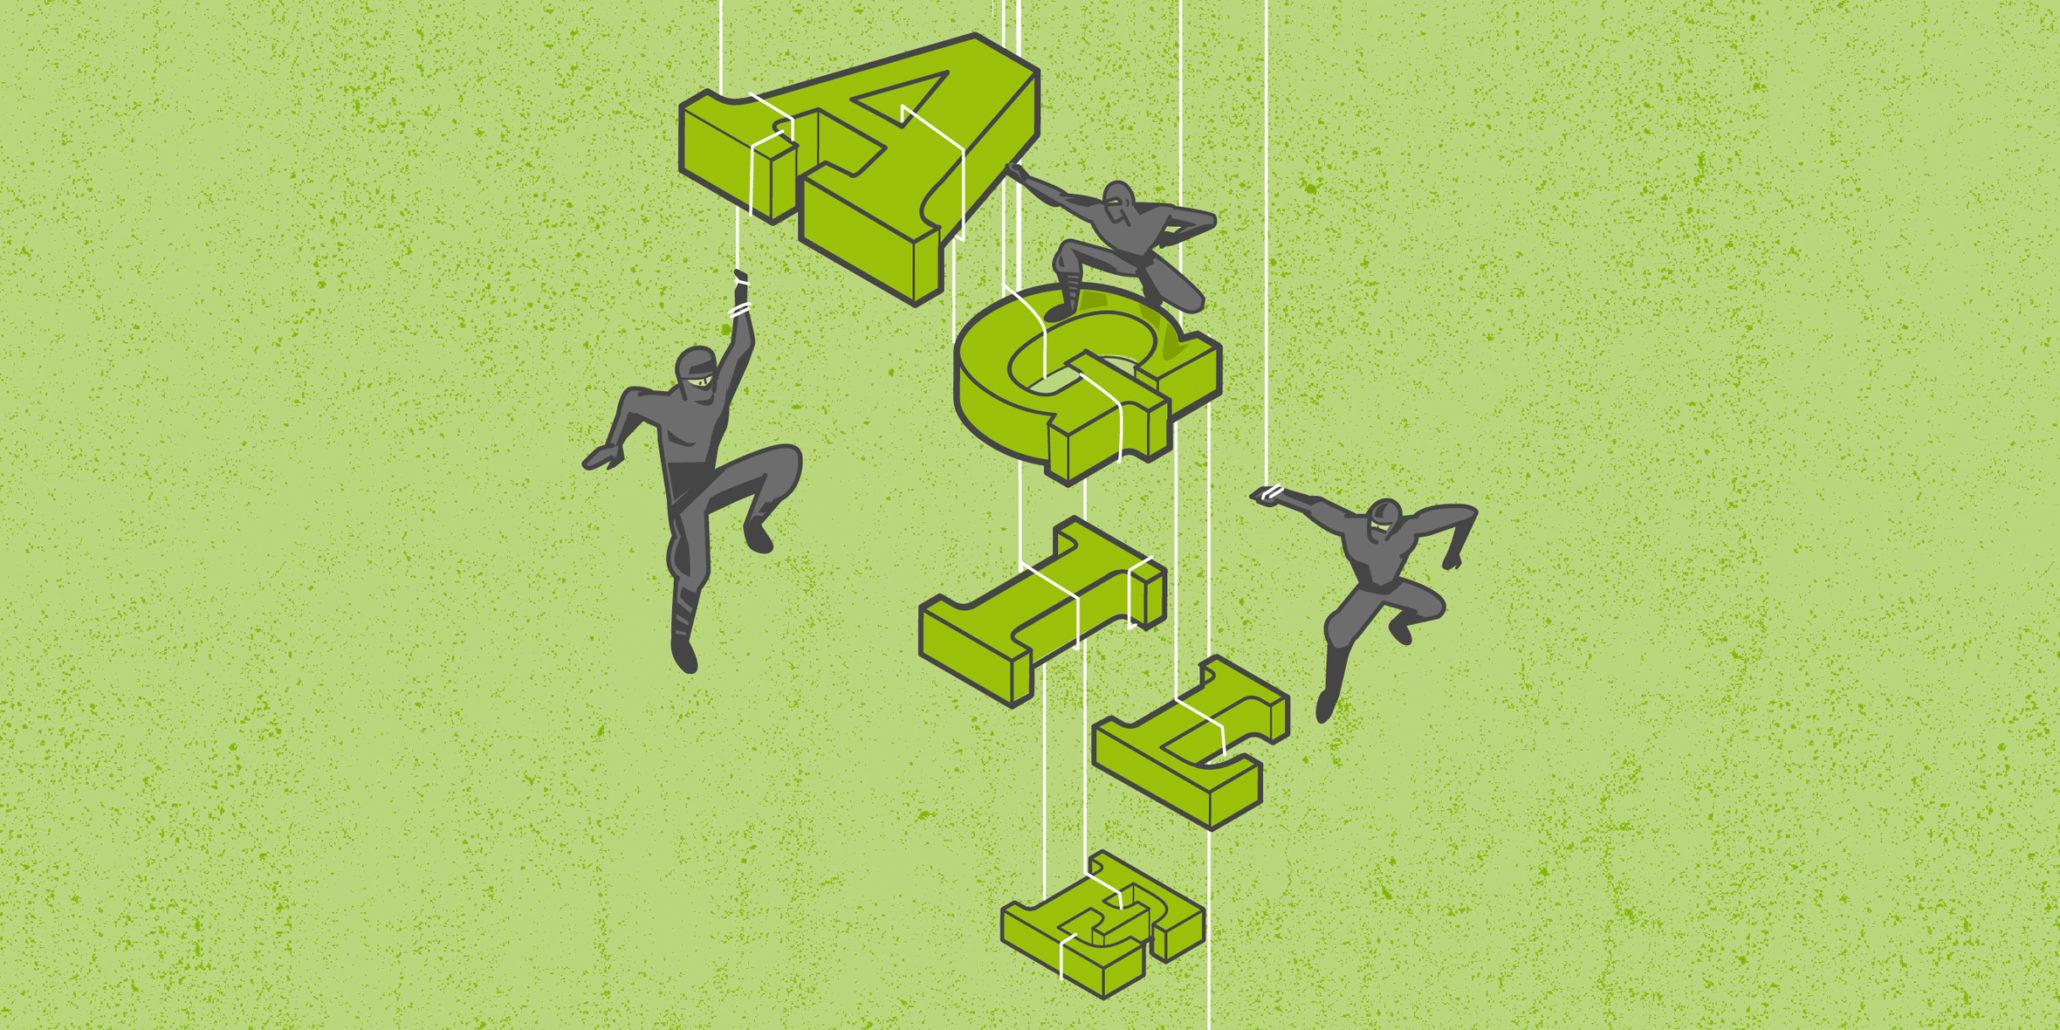 agile ninja illustration